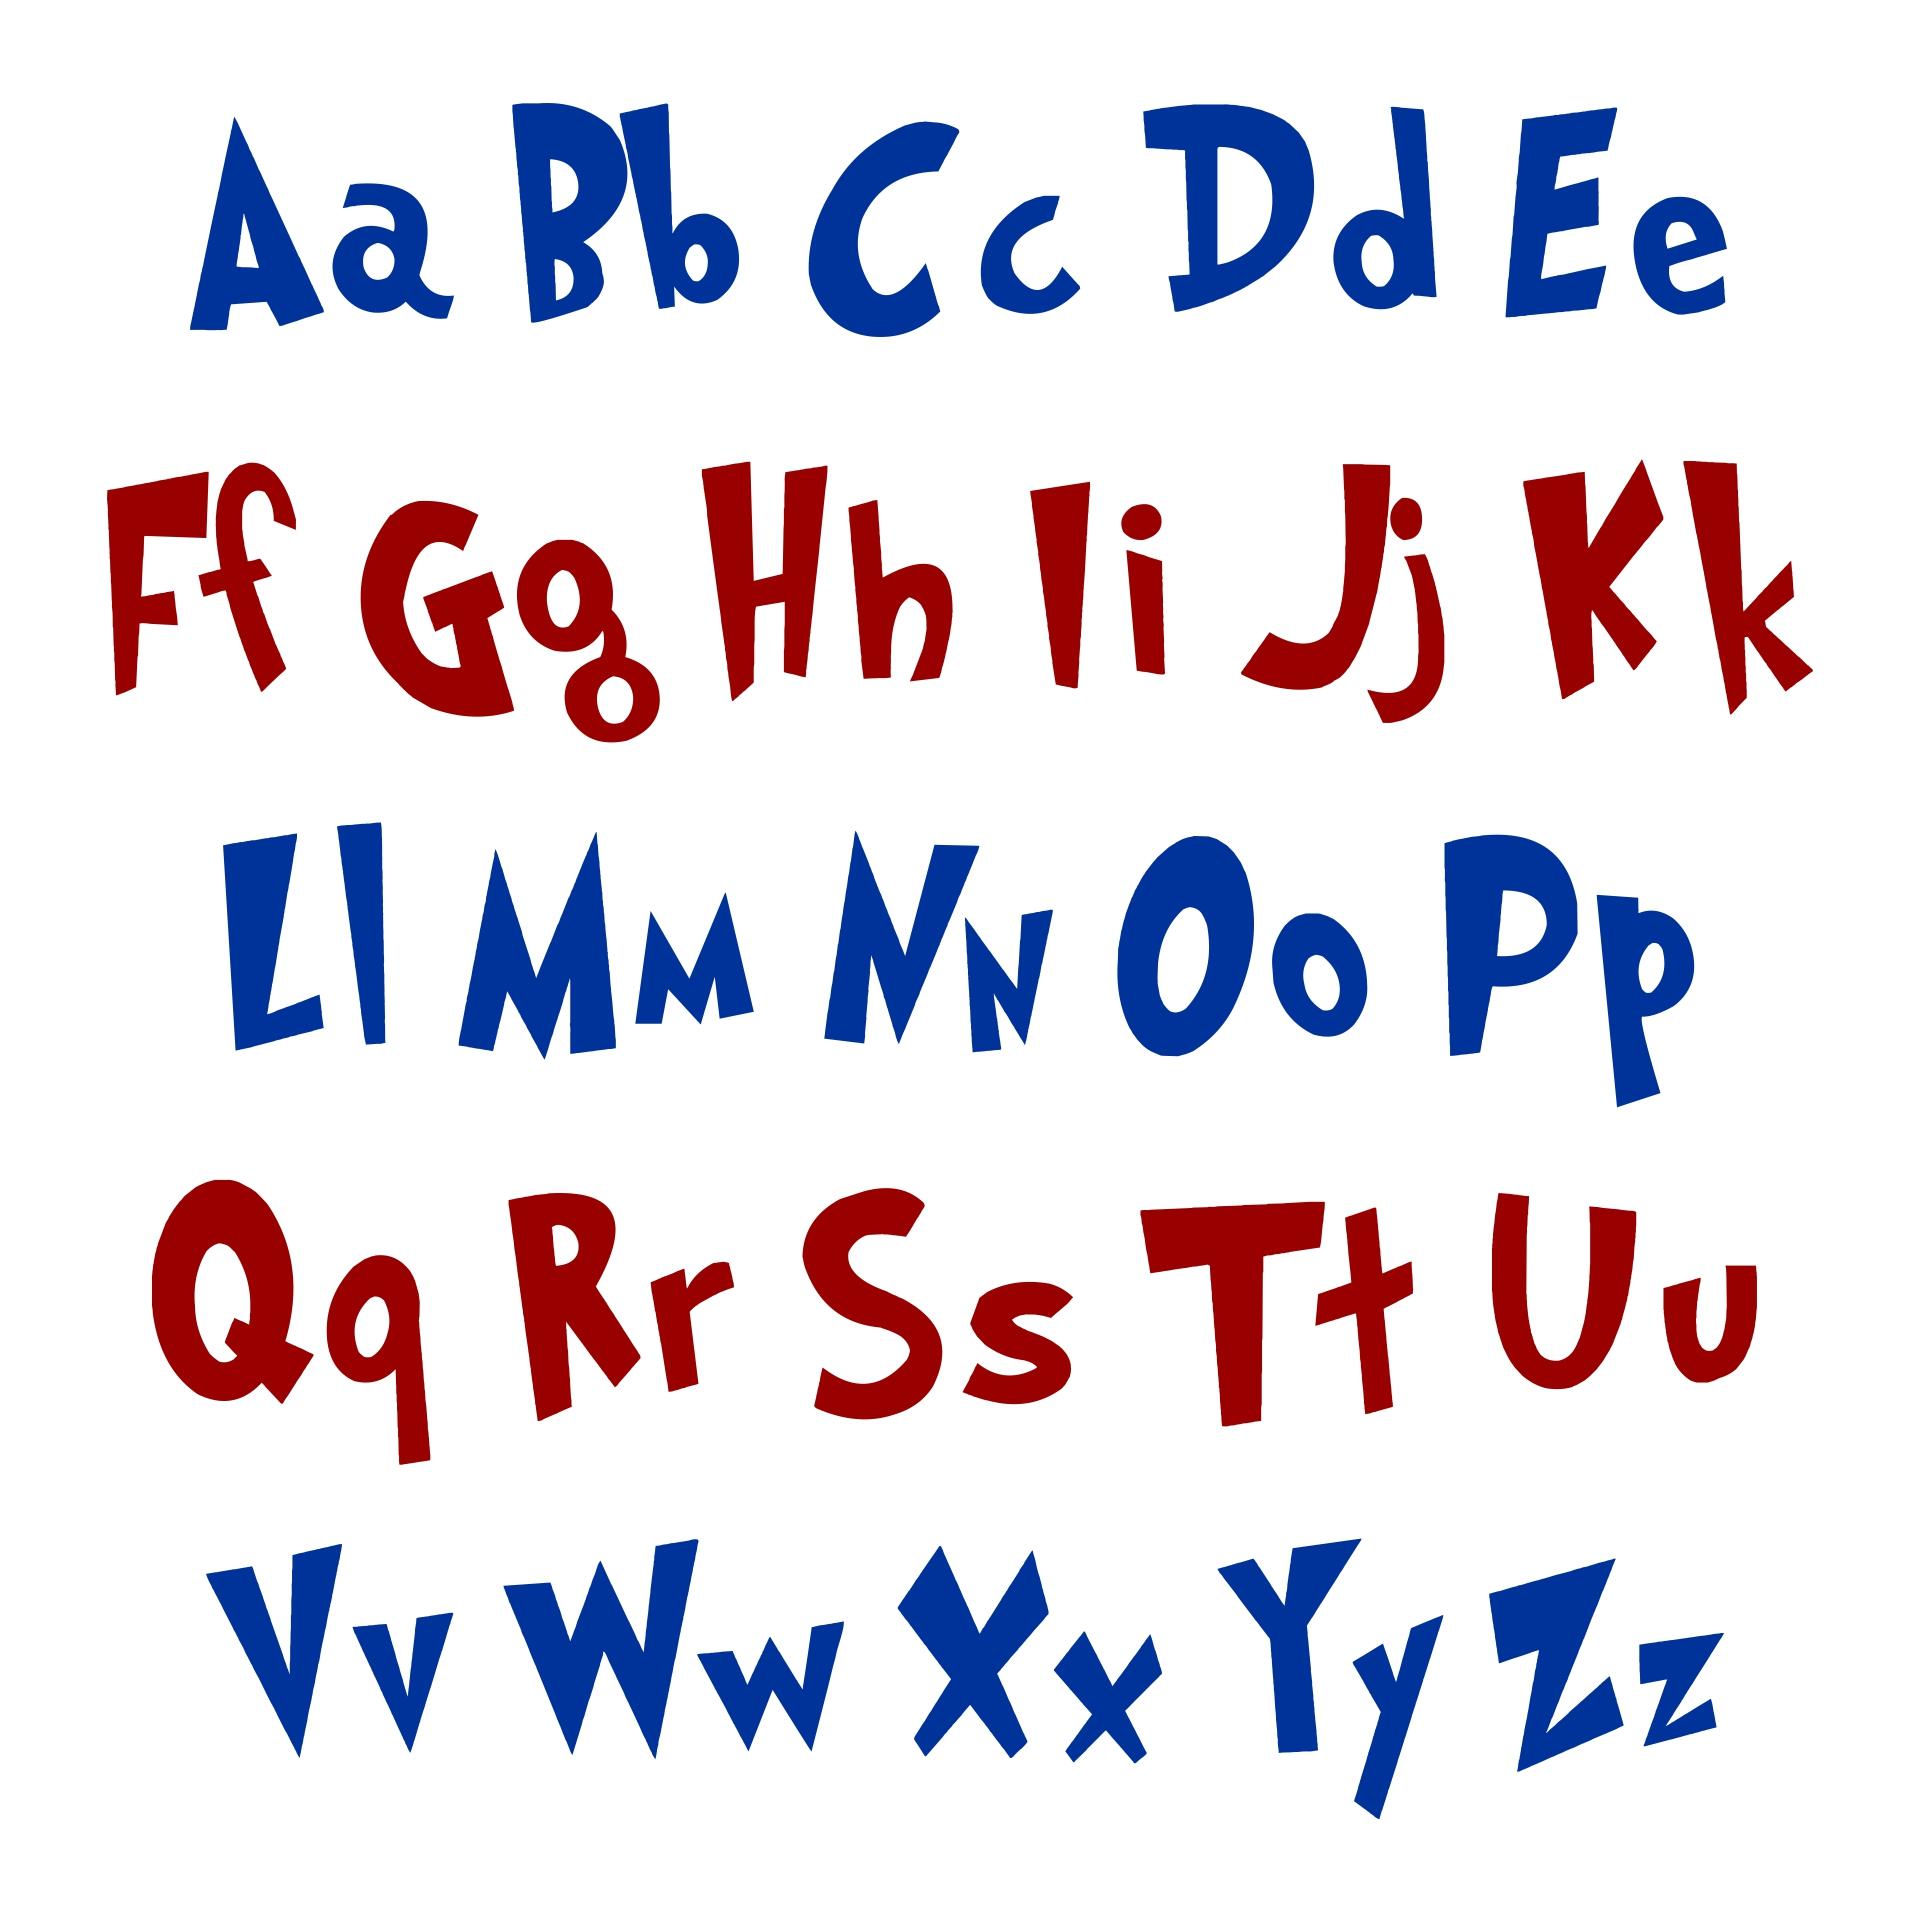 Dr. Seuss Alphabet Printables